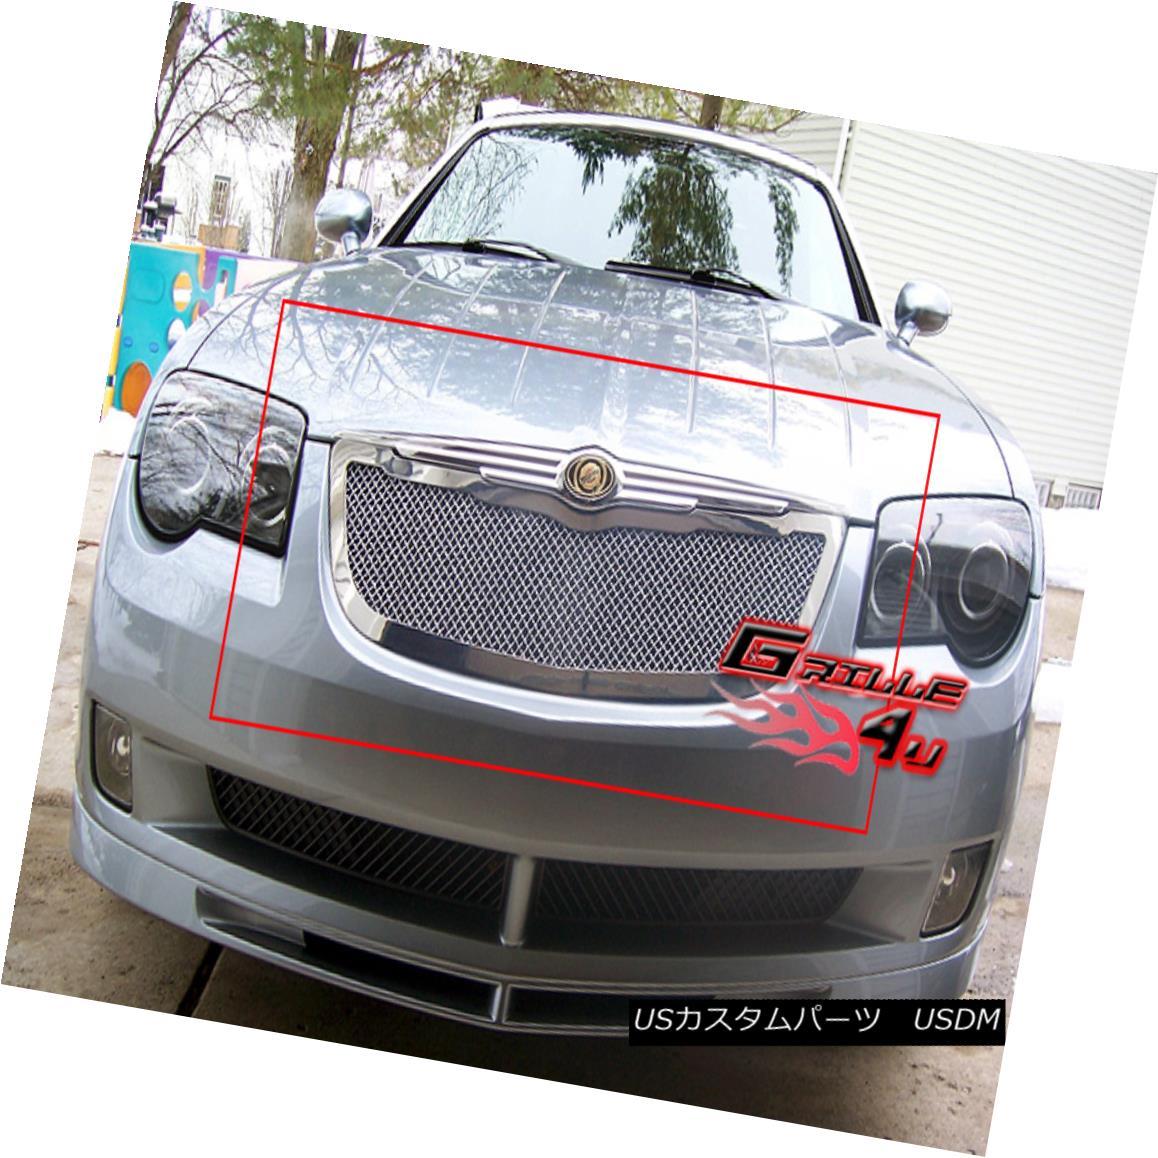 グリル Fits 2004-2008 Chrysler Crossfire Stainless Steel Mesh Grille 2004-2008クライスラークロスファイアステンレスメッシュグリルに適合